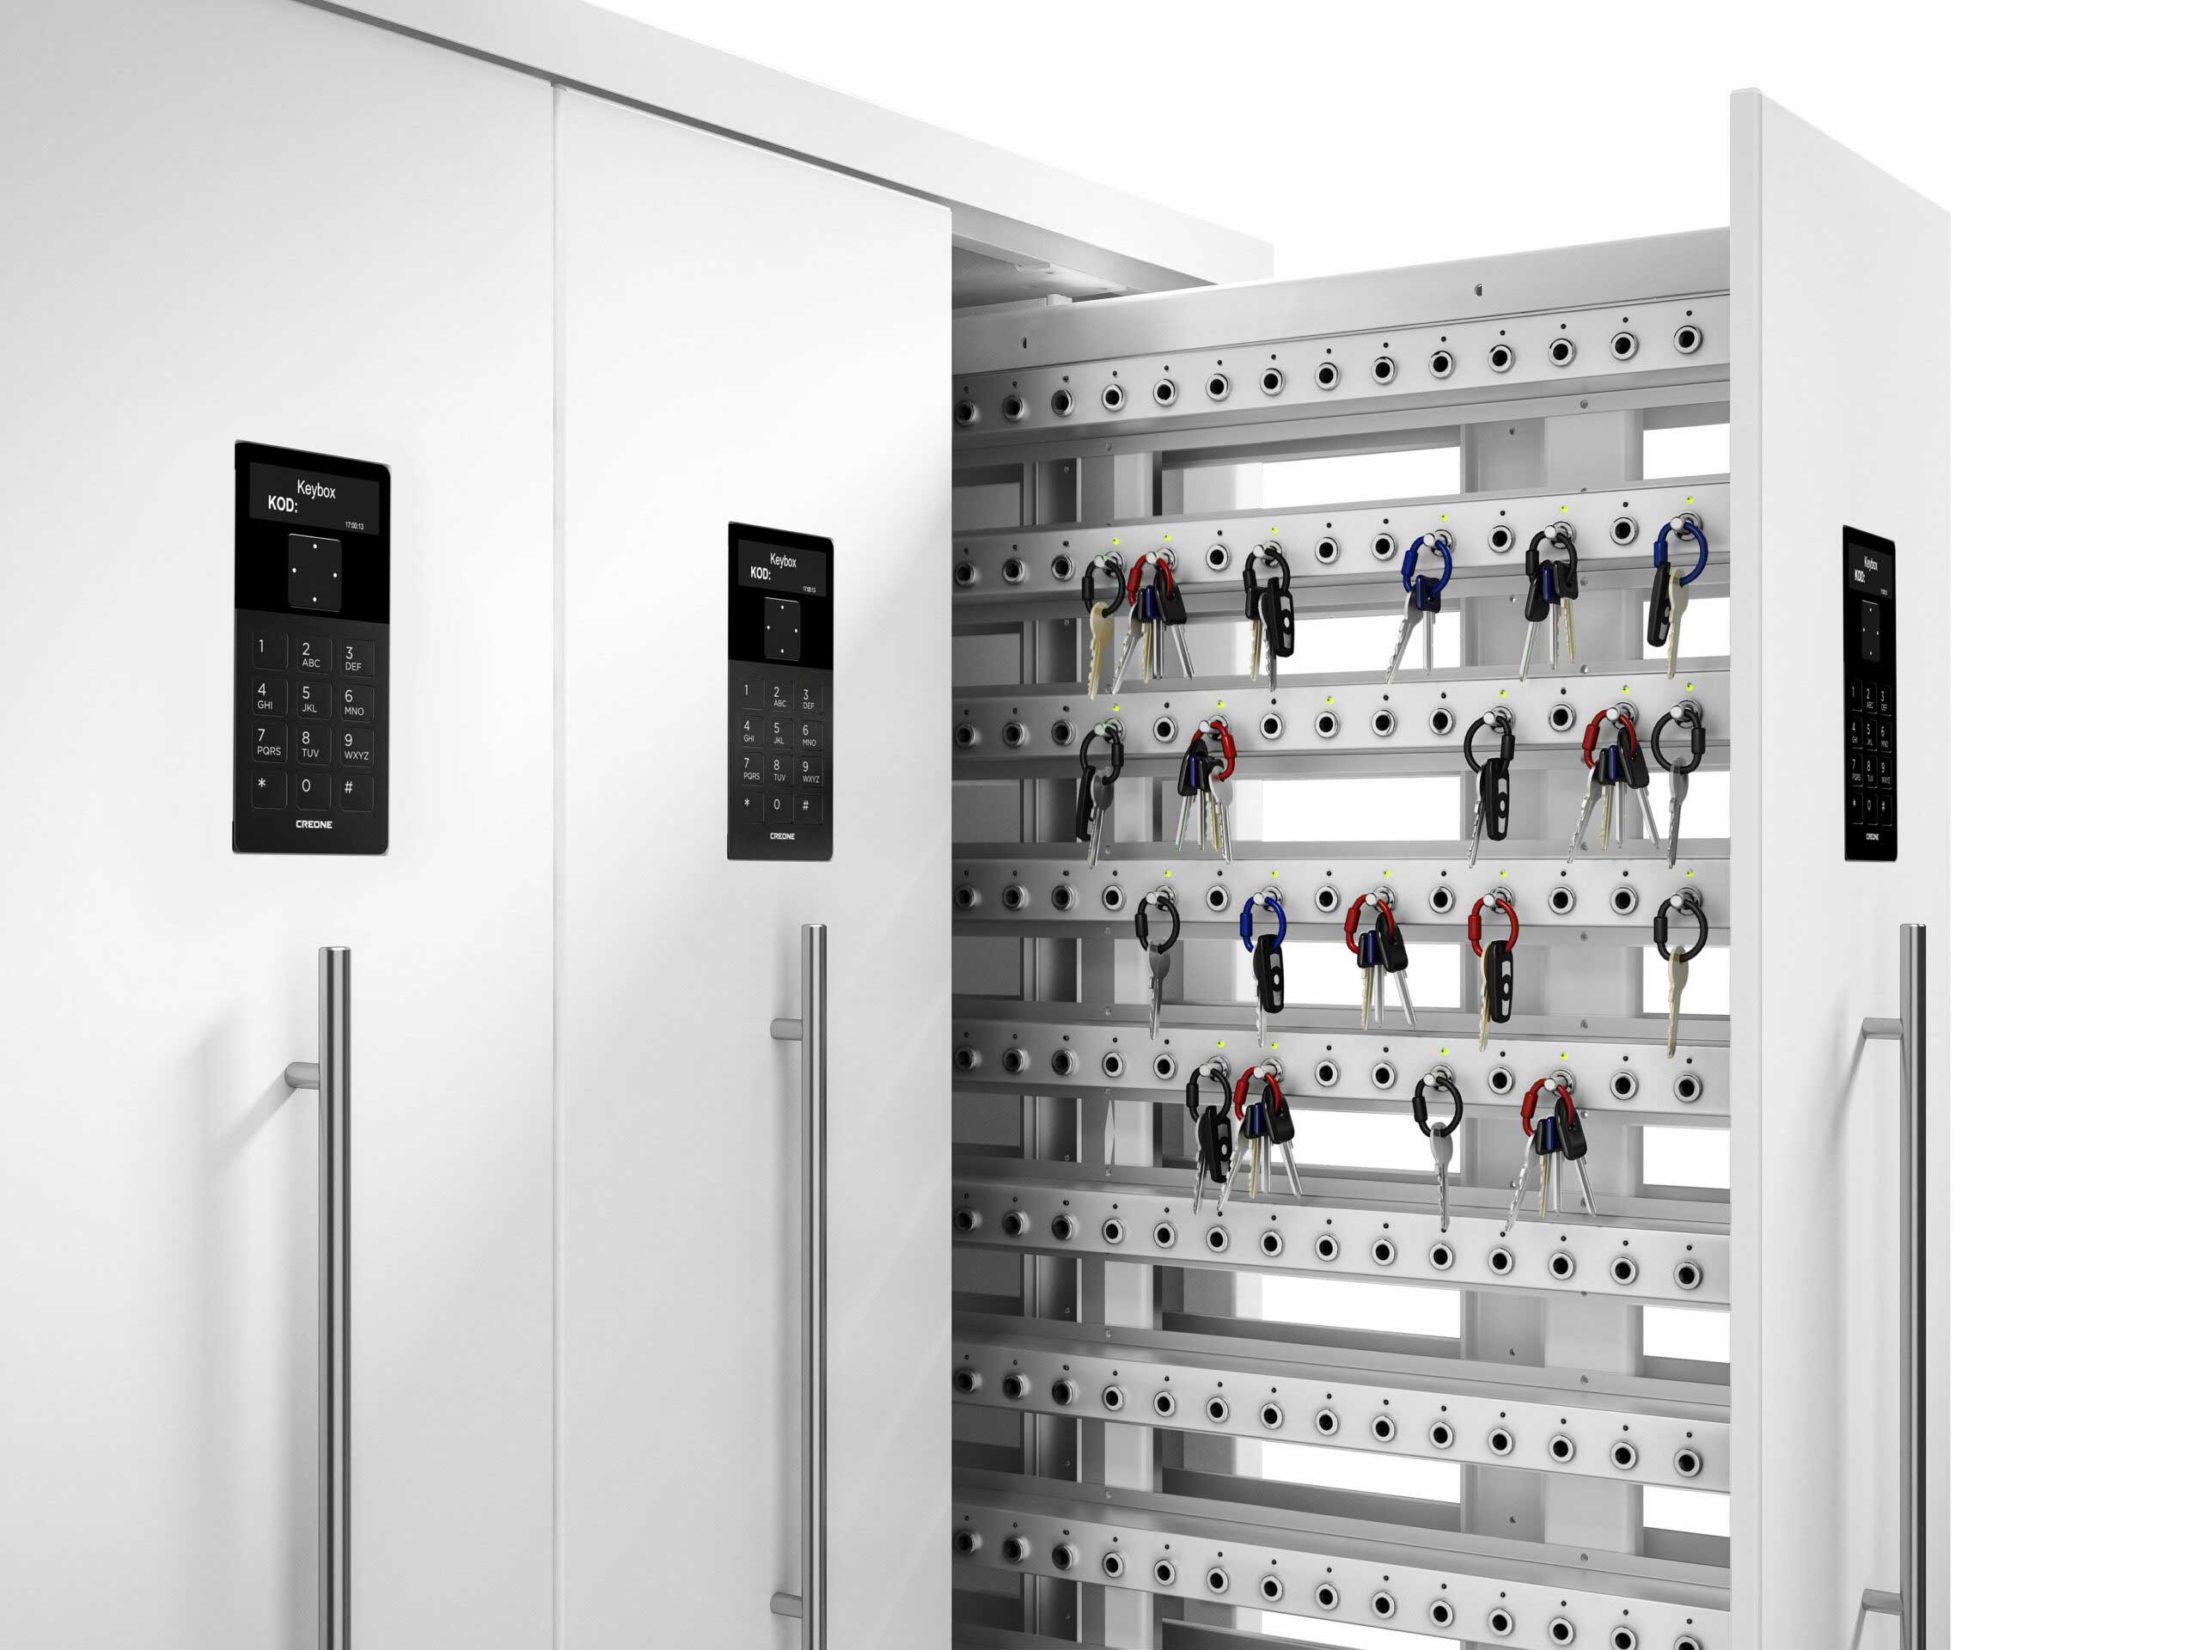 Armoire à clés 9700 SC de la gamme Keycontrol. Porte ouverte montrant les racks qui organisent la gestion des clés.